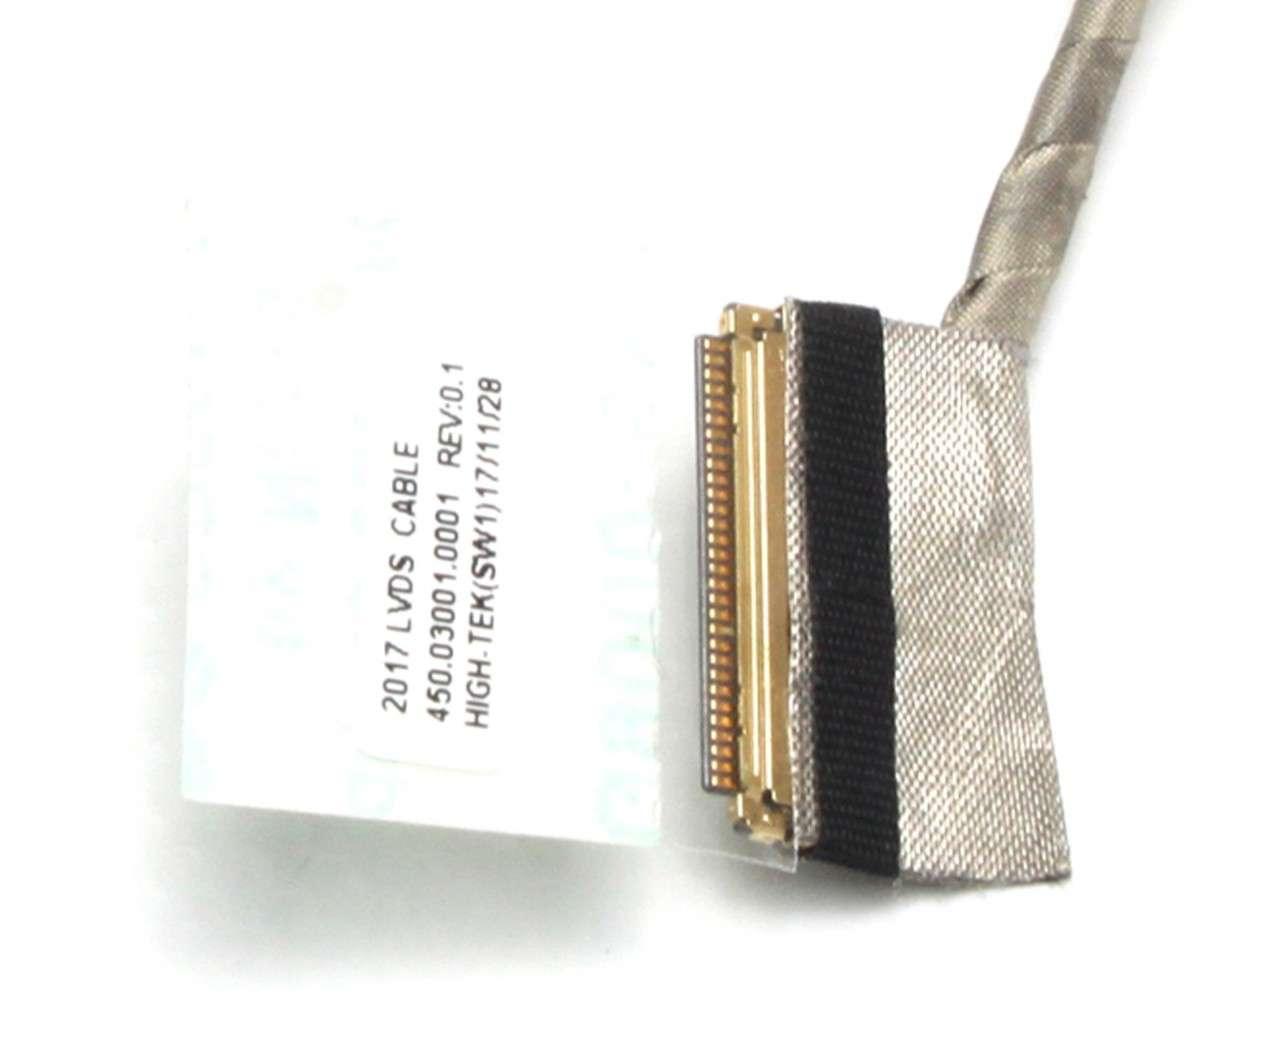 Cablu video eDP Dell Vostro 15 3558 fara touchscreen imagine powerlaptop.ro 2021